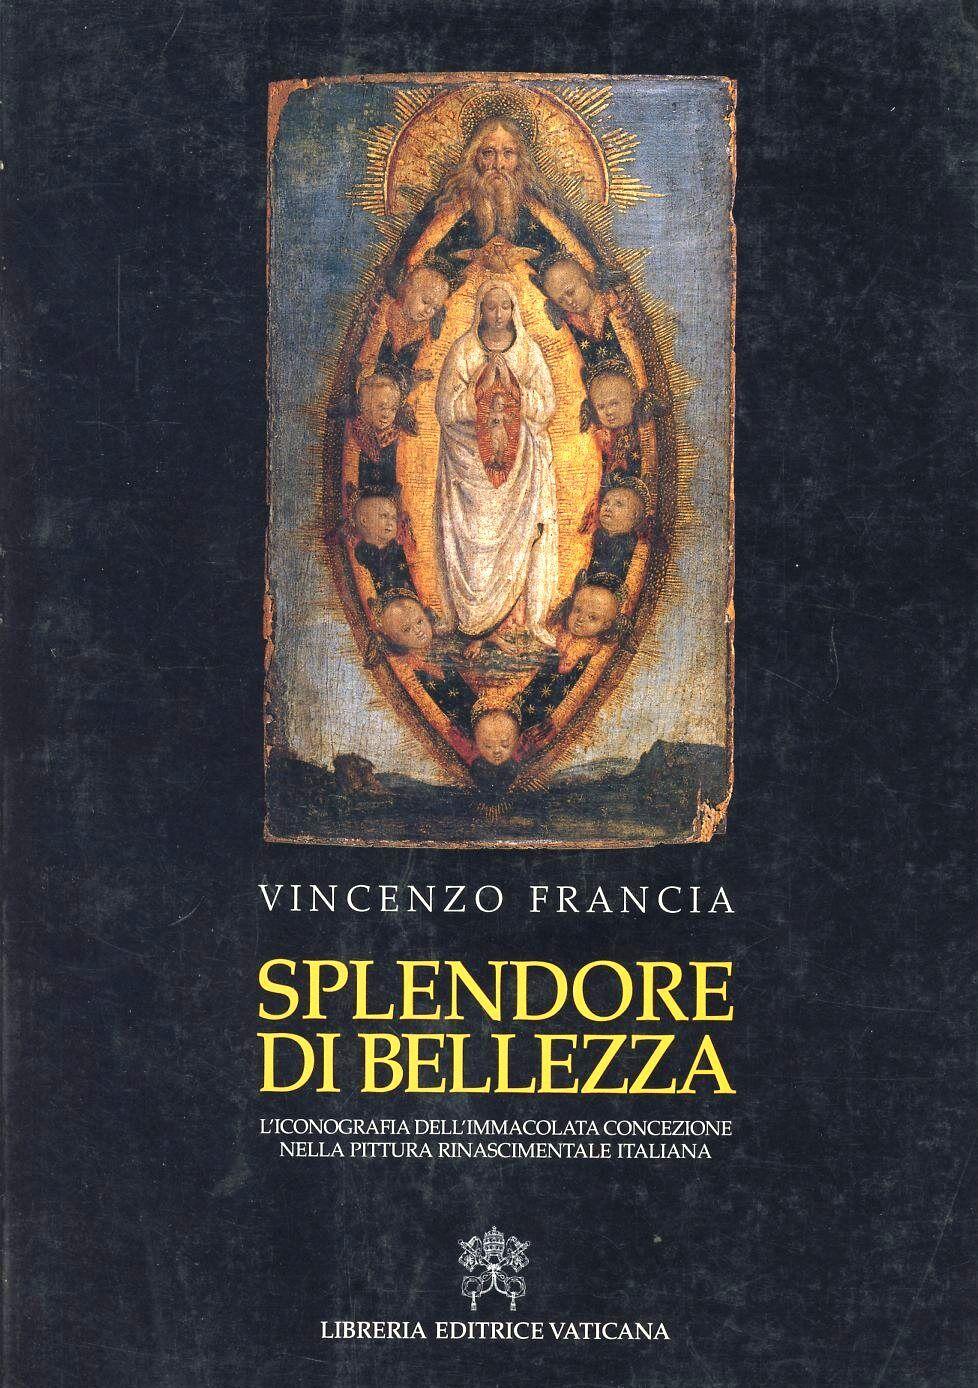 Splendore di bellezza. L'iconografia dell'Immacolata Concezione nella pittura rinascimentale italiana